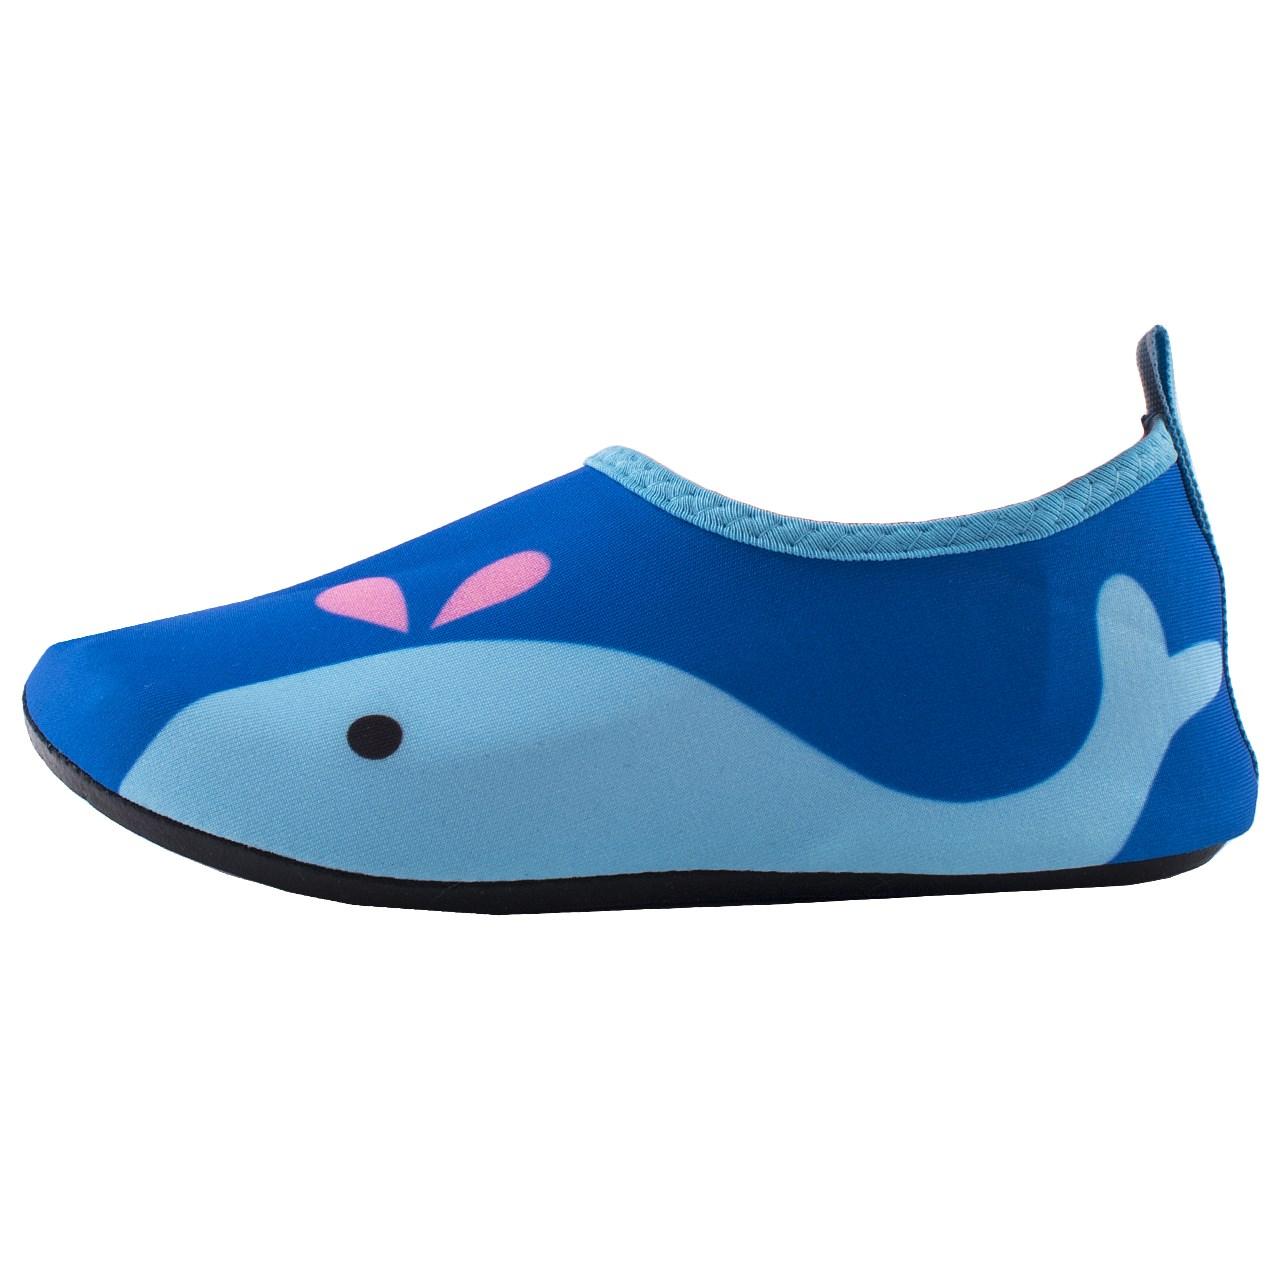 کفش ورزشی بچه گانه واته مدل Mf 06